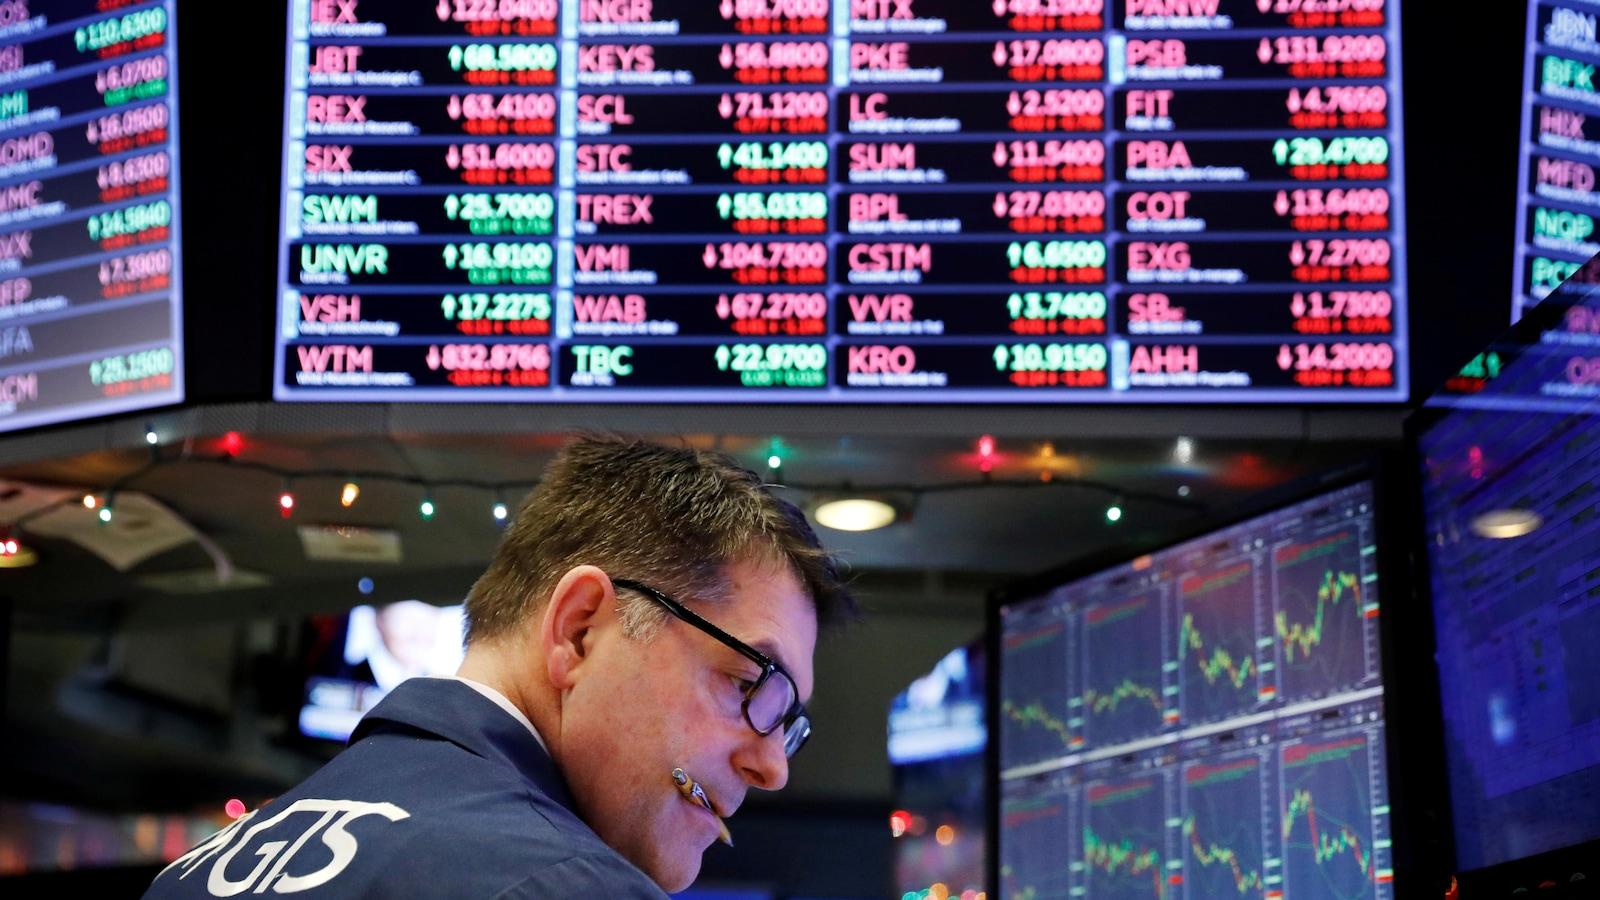 Un homme a un stylo dans la bouche alors qu'il consulte le cours de la bourse sous un énorme écran sur lequel sont affichées diverses actions de compagnies.